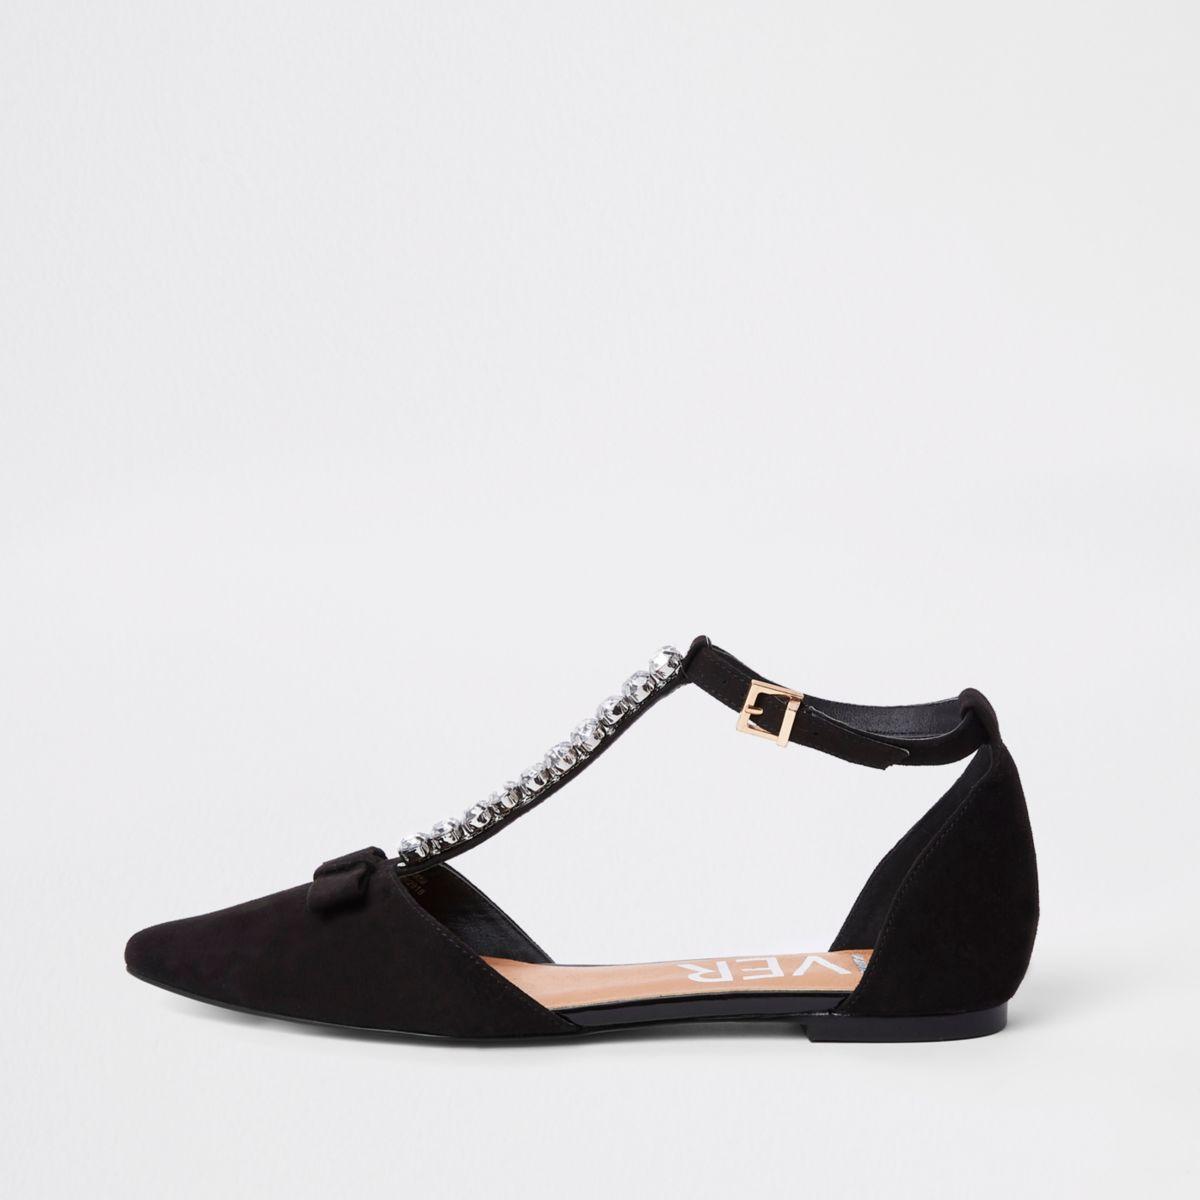 Schwarze, spitze Schuhe mit Riemchen